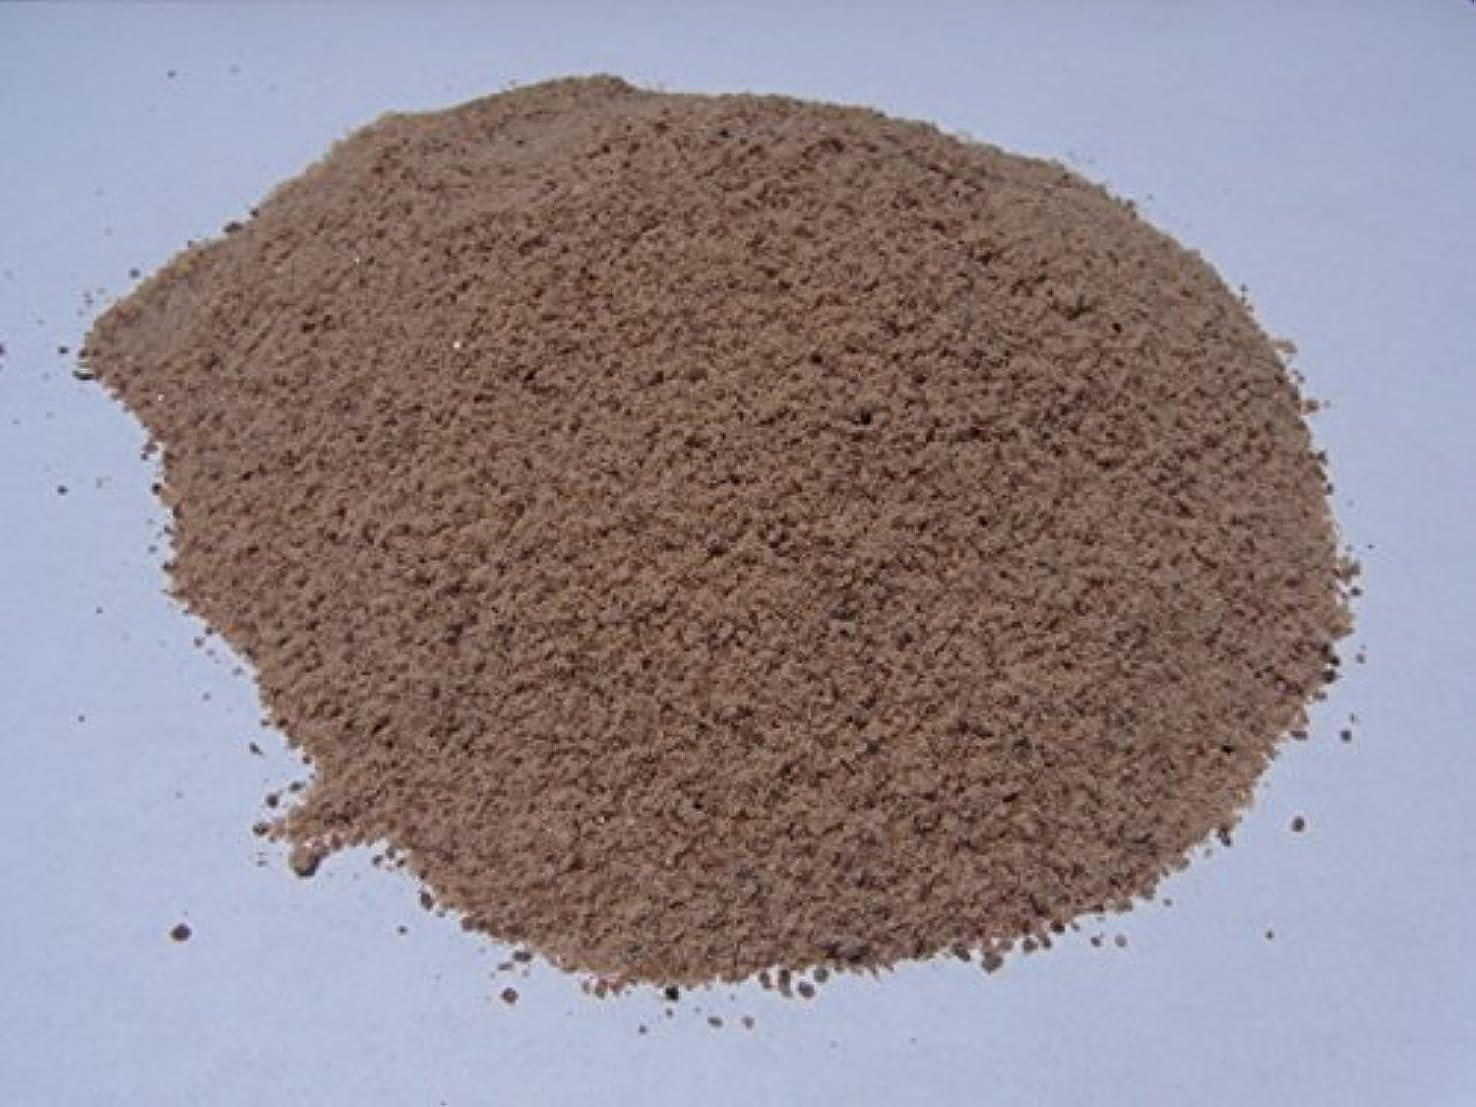 負電信フィールドヒマラヤ岩塩1kg【ルビーソルト】 ミネラルクリスタル パウダー 細粒 バスソルト